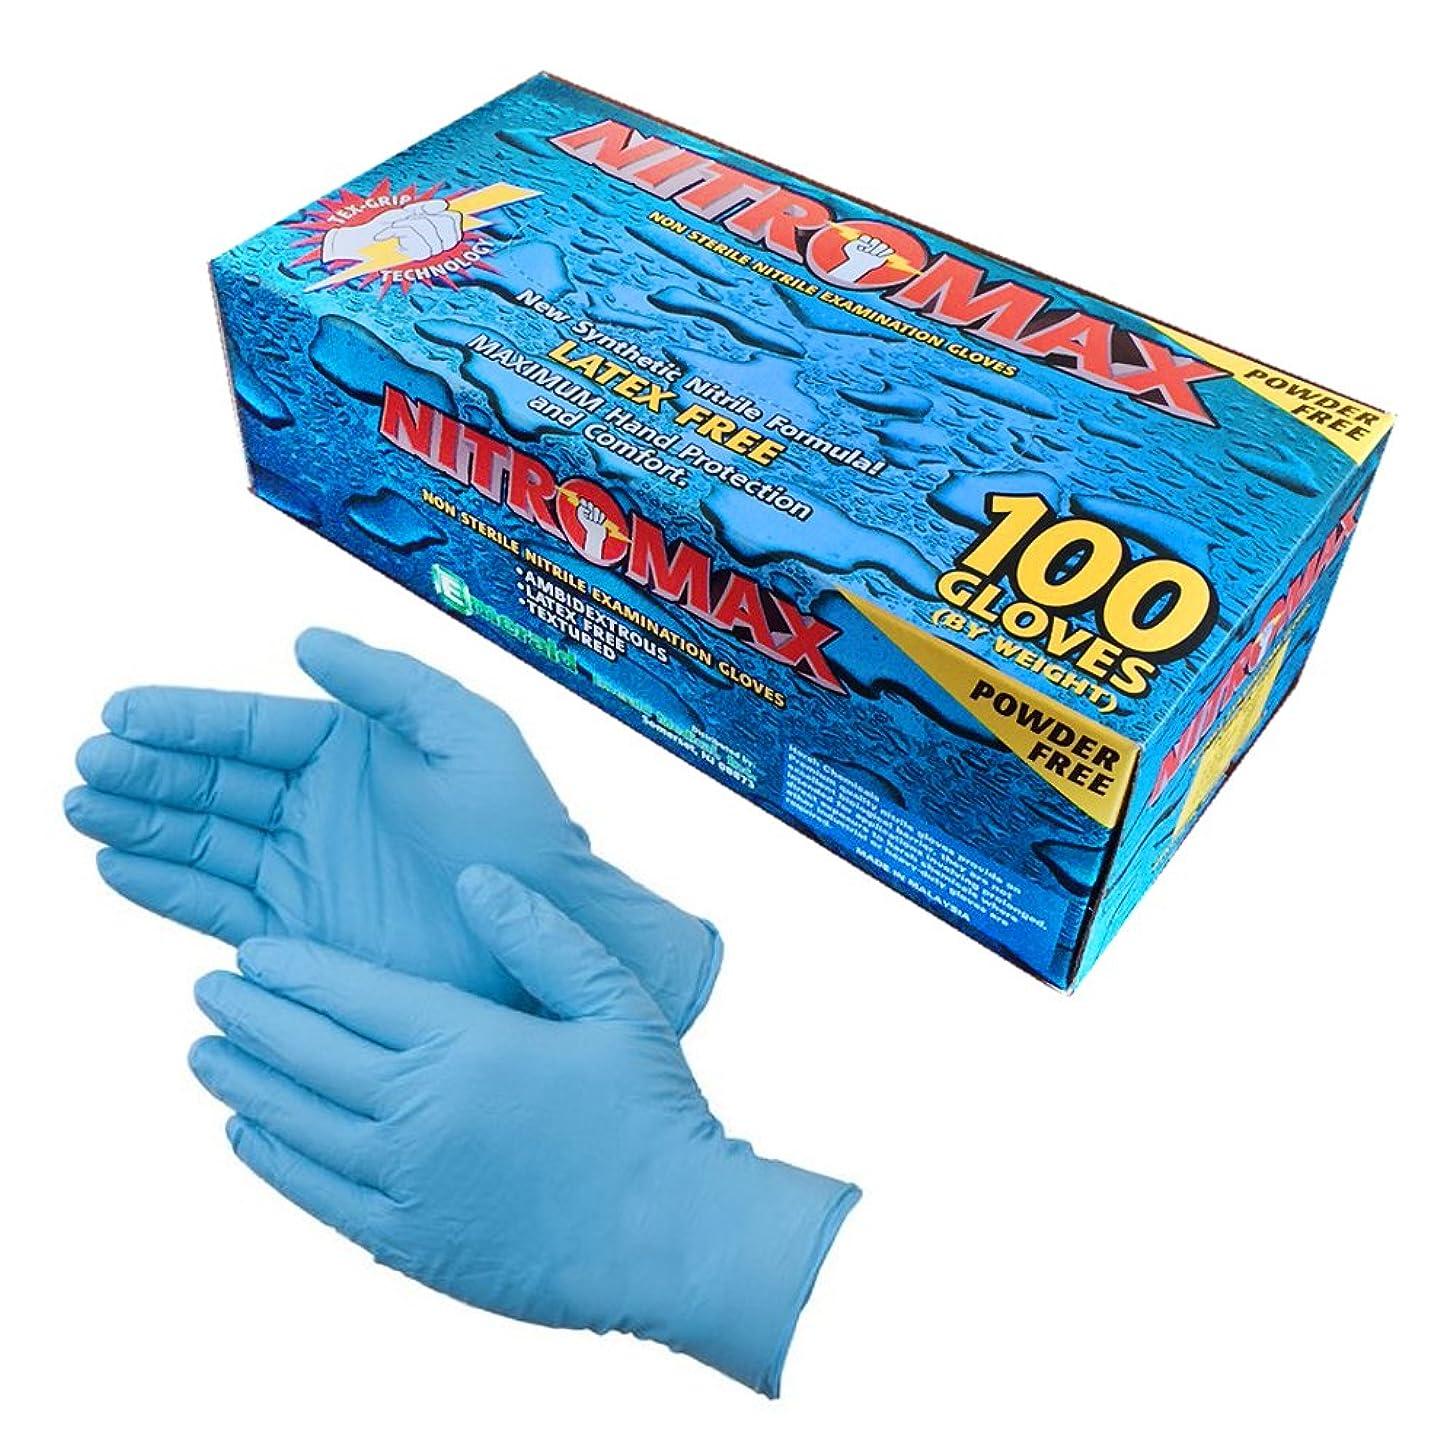 オーナー宿シュートDisposable Gloves, 5 mil thick, Tear Resistant, Latex Free, Nitrile, Powder Free, Large, 100 count by Honest E-tailers